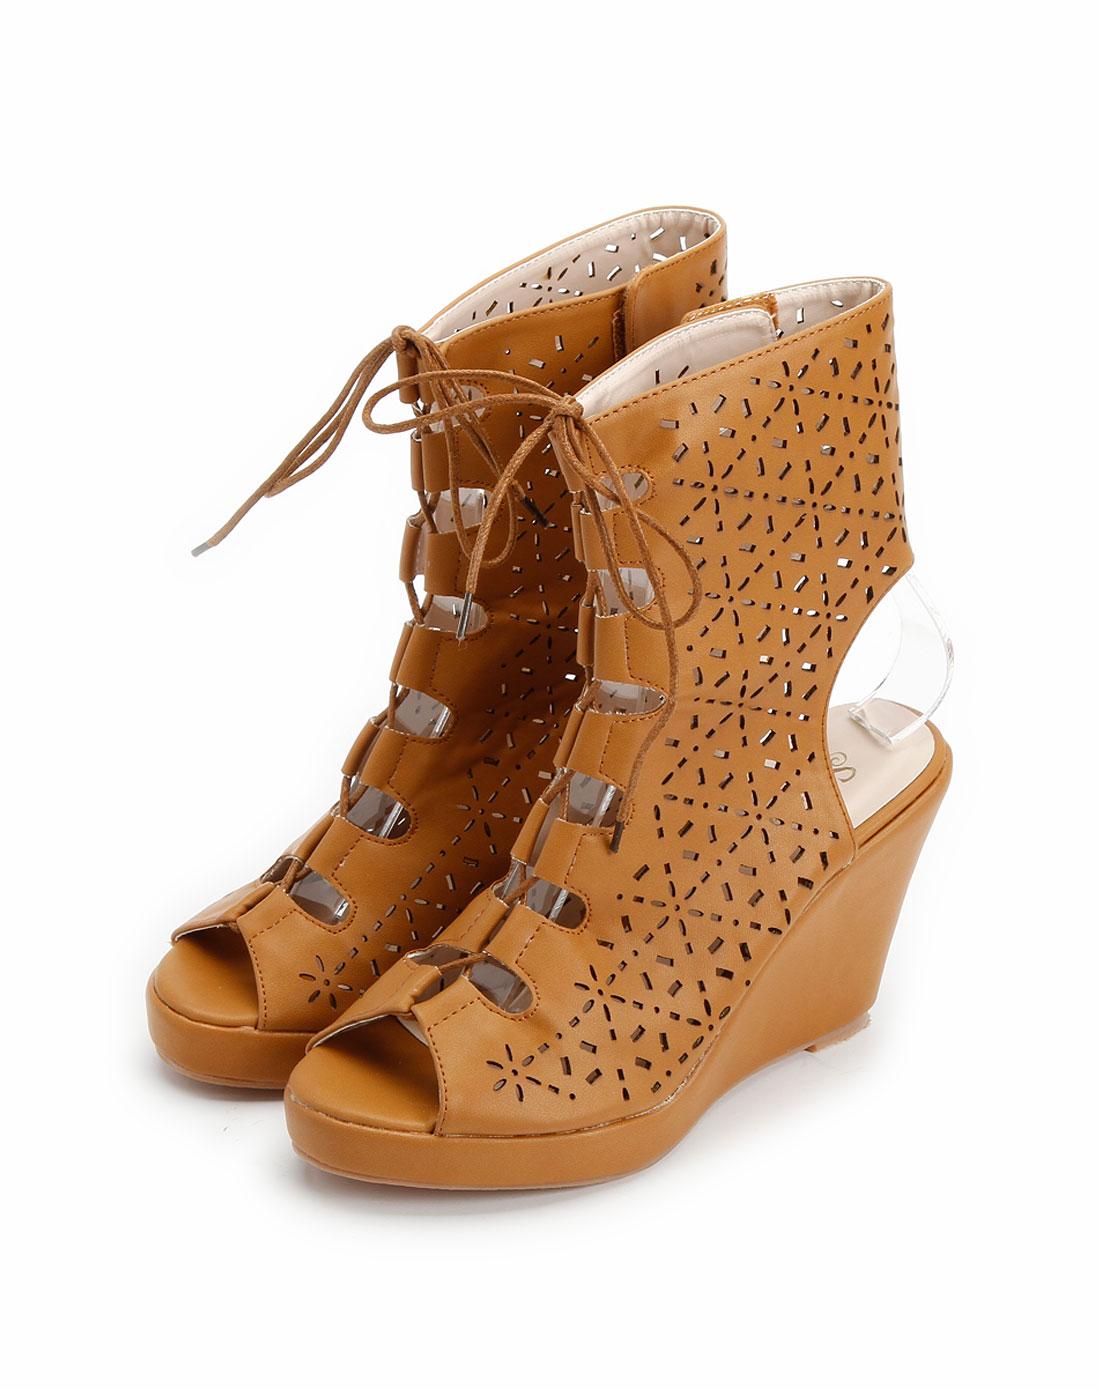 棕色镂空系带防水台坡跟凉靴